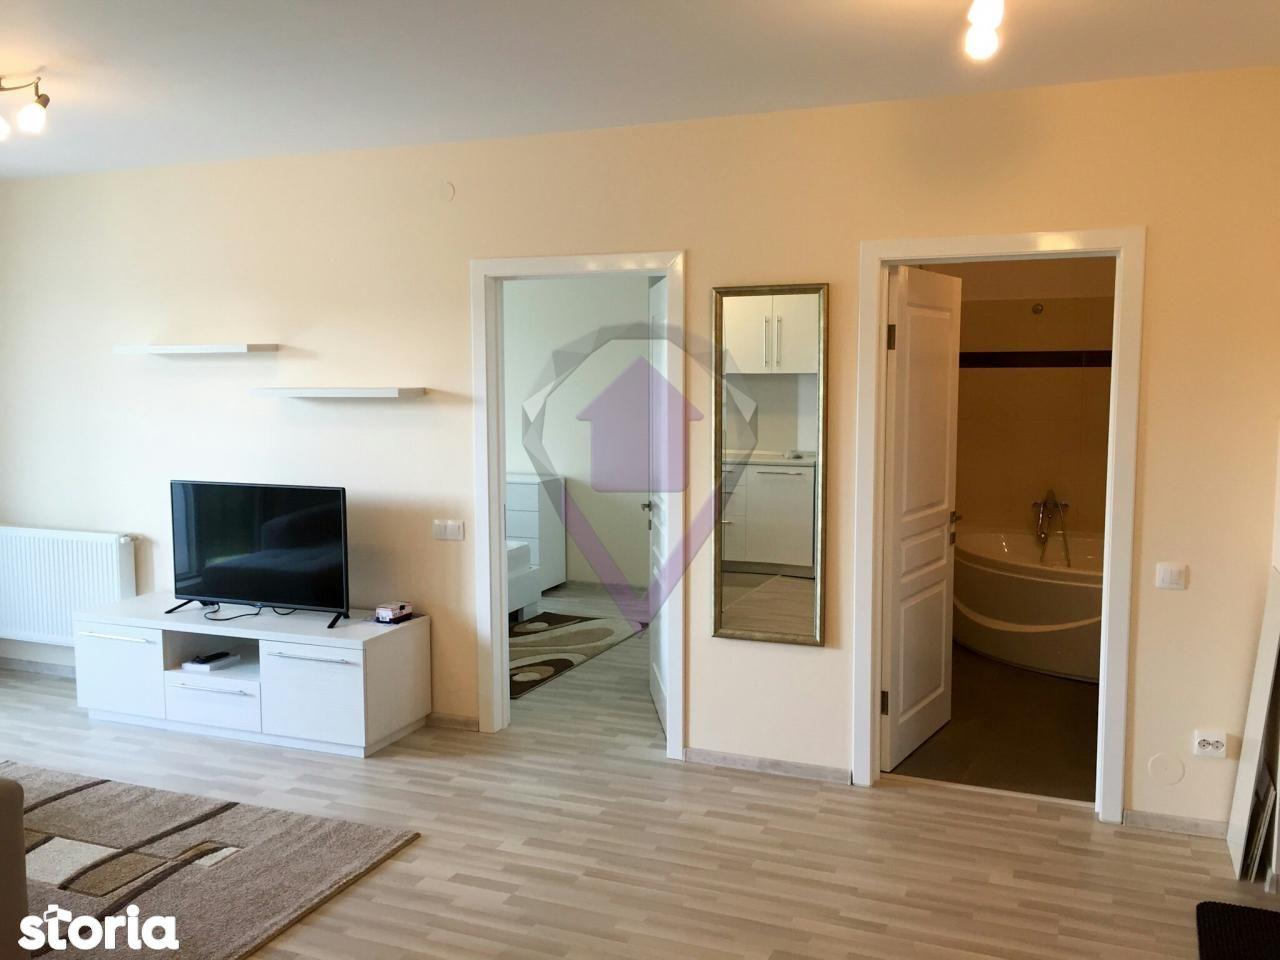 Apartament de inchiriat, Cluj (judet), Zorilor - Foto 1